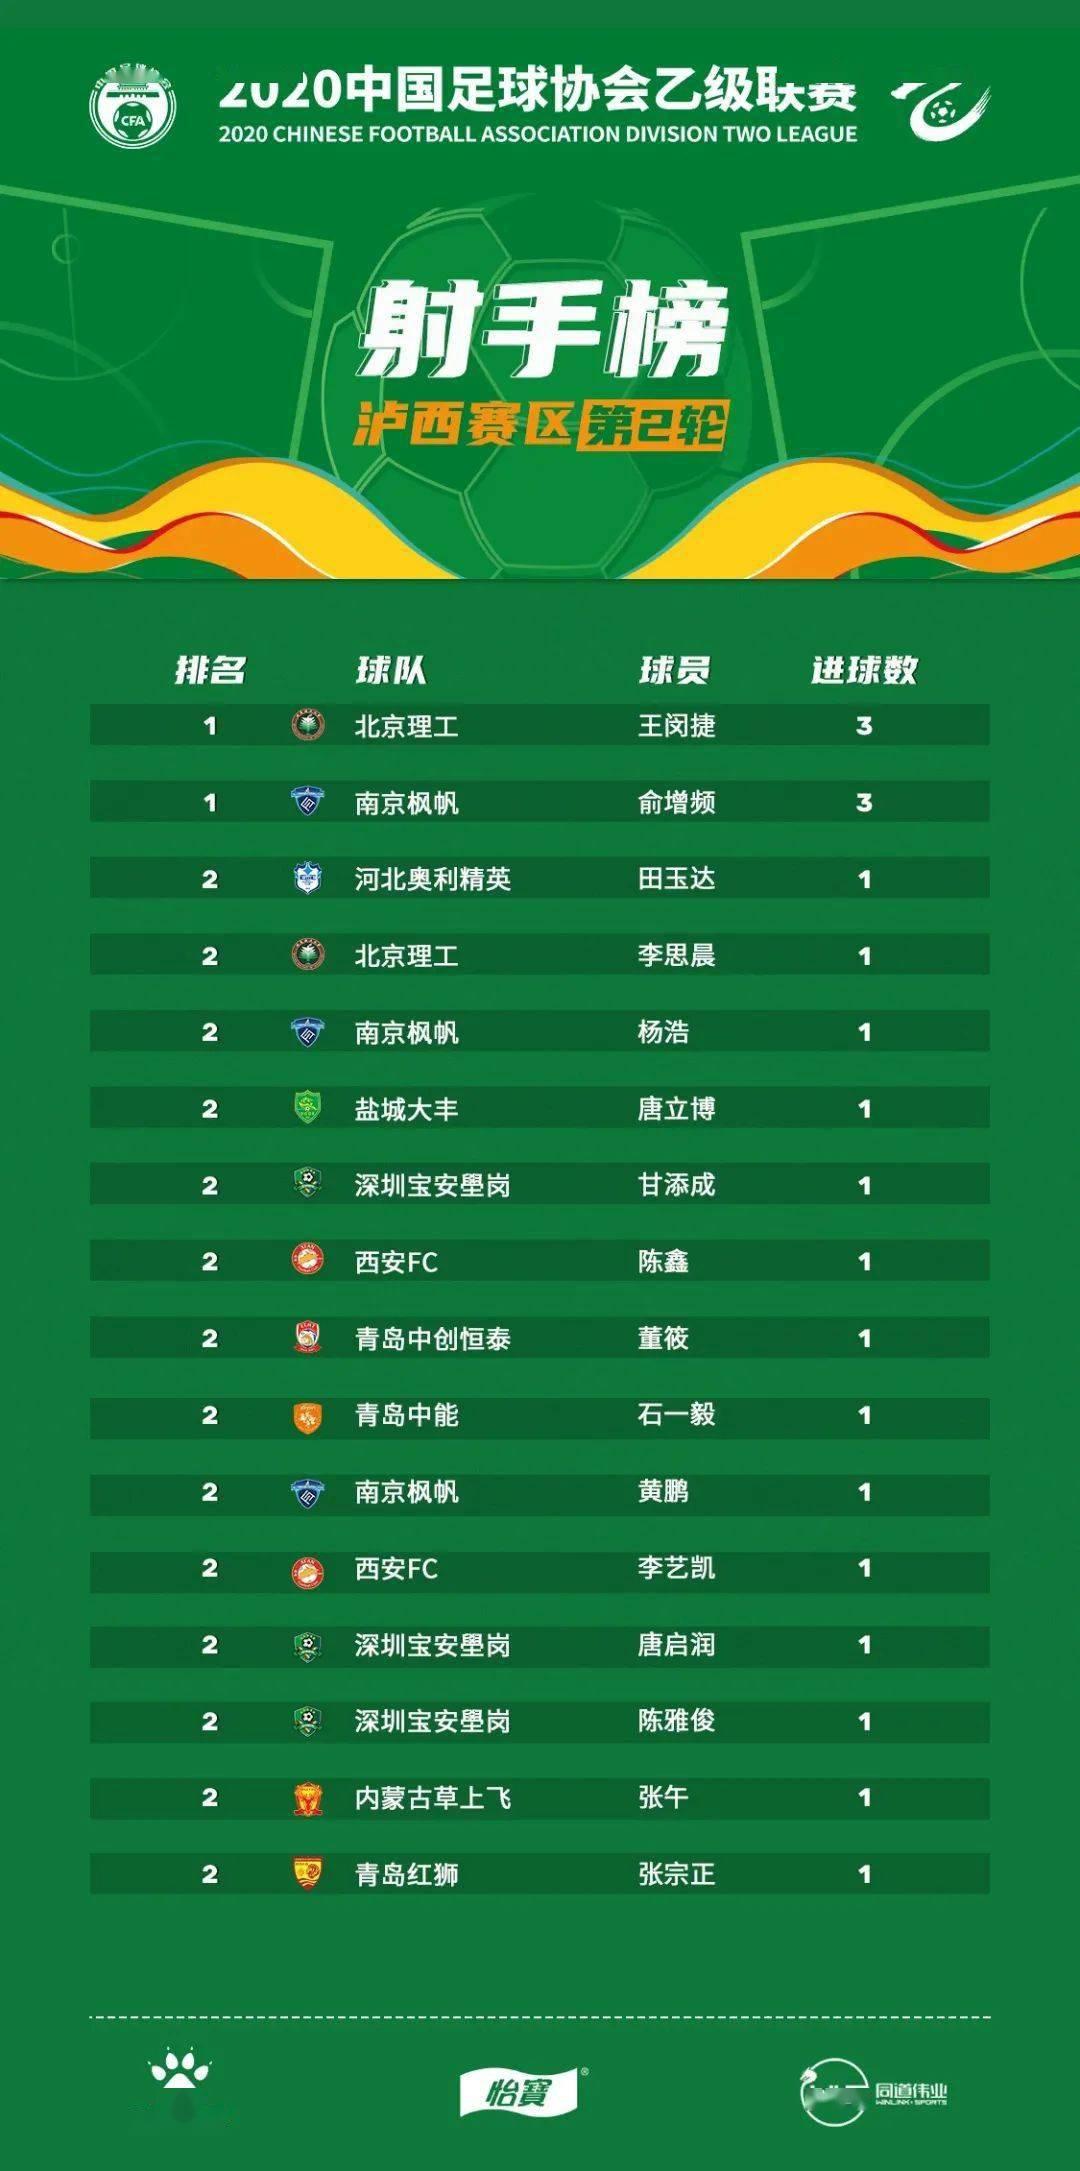 yobo体育app官网- 中乙联赛第二轮积分榜及射手榜(图4)